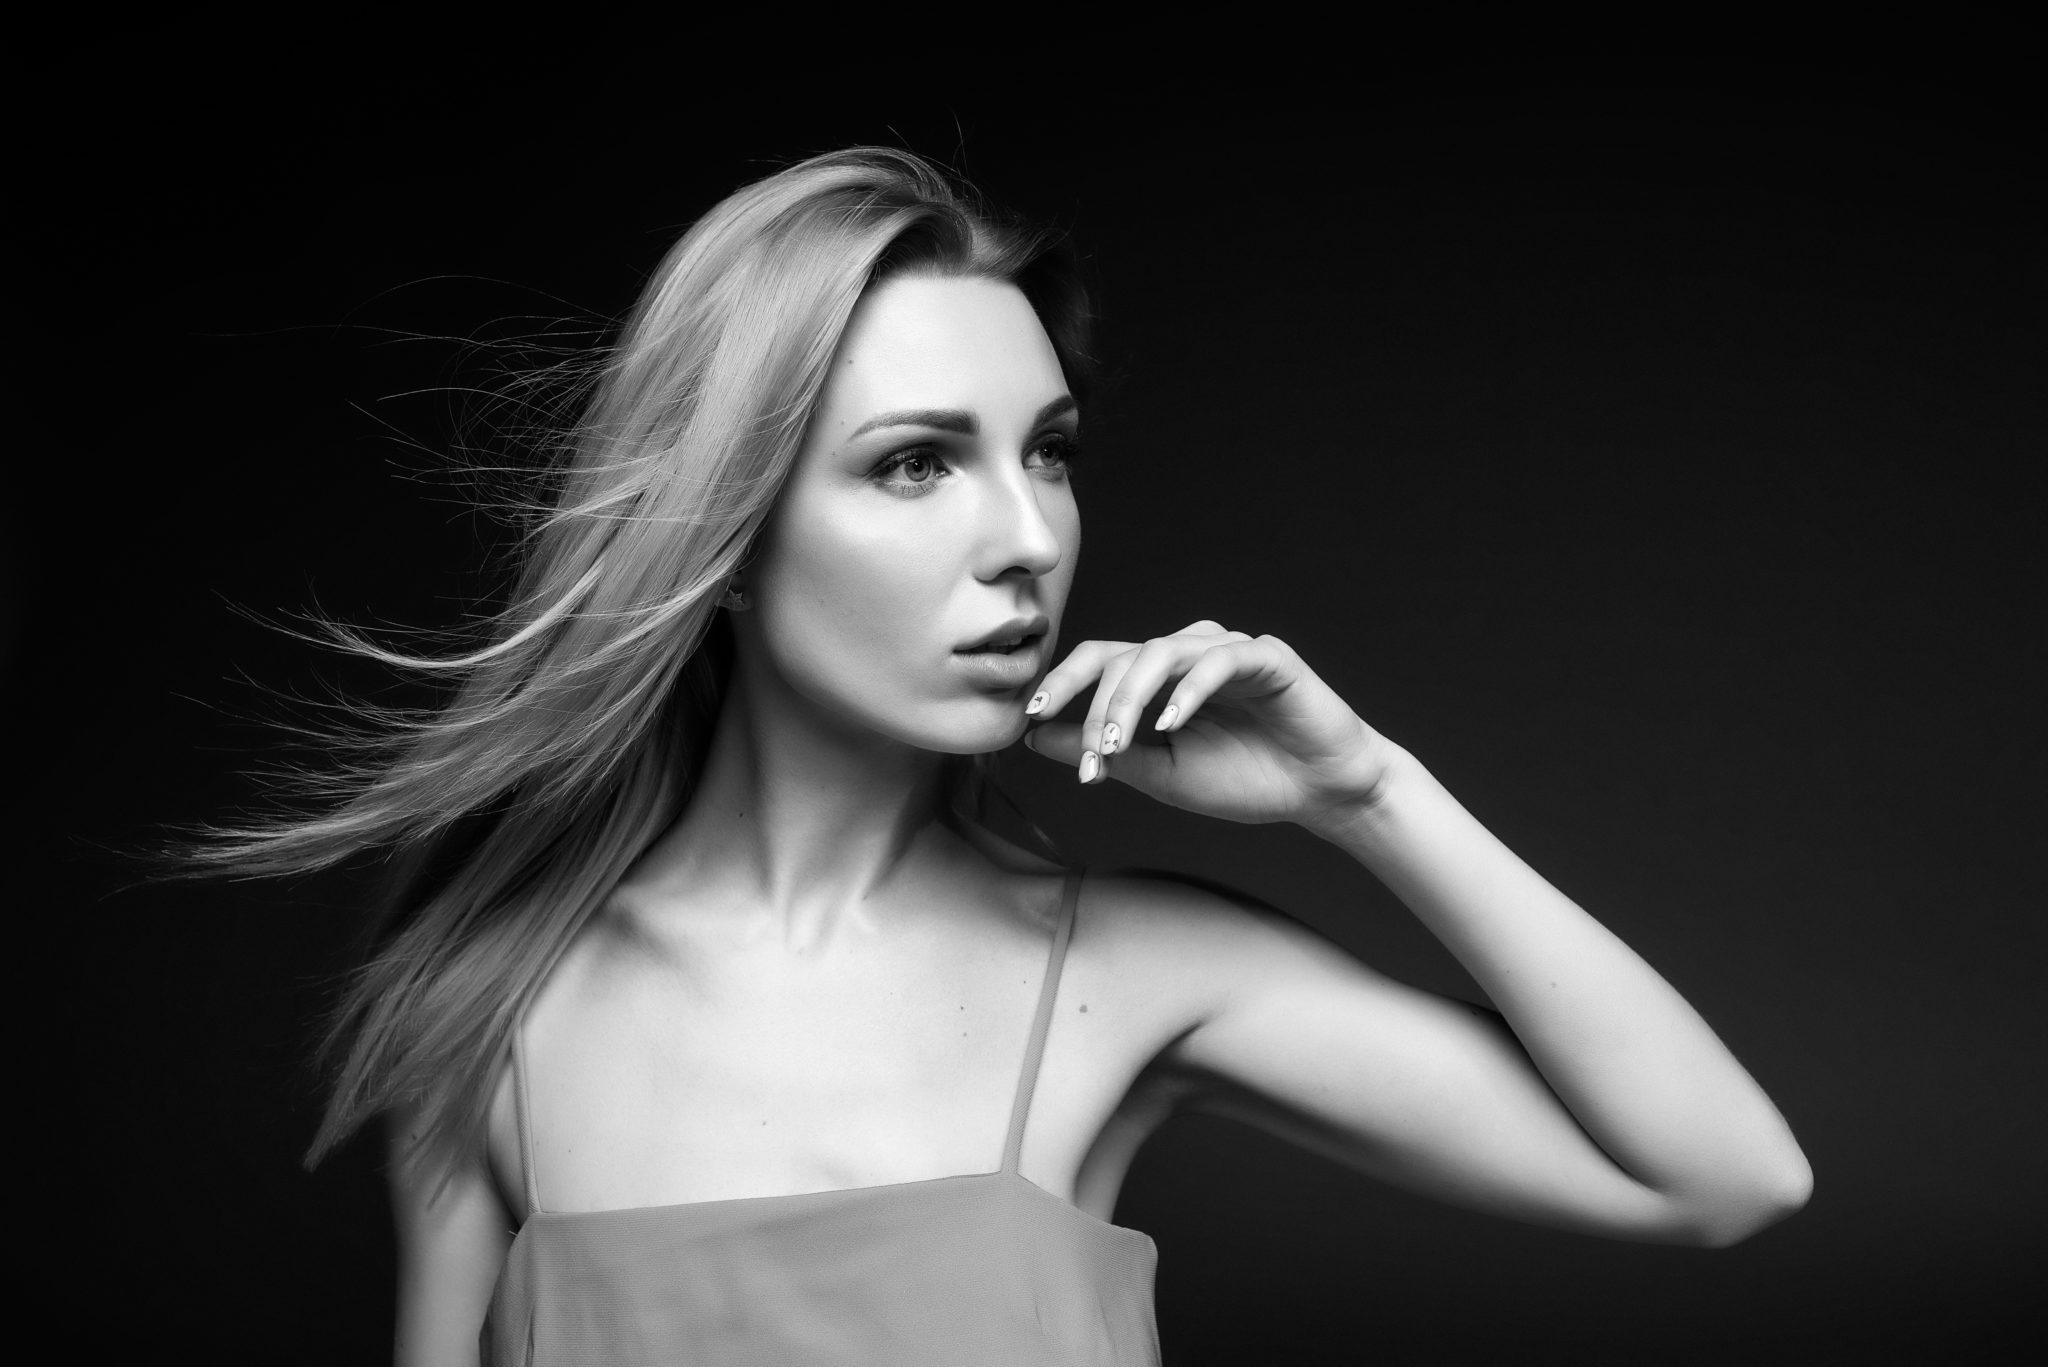 Фотосессия с визажем, девушка в платье на черном фоне, чб фото. ph Постникова